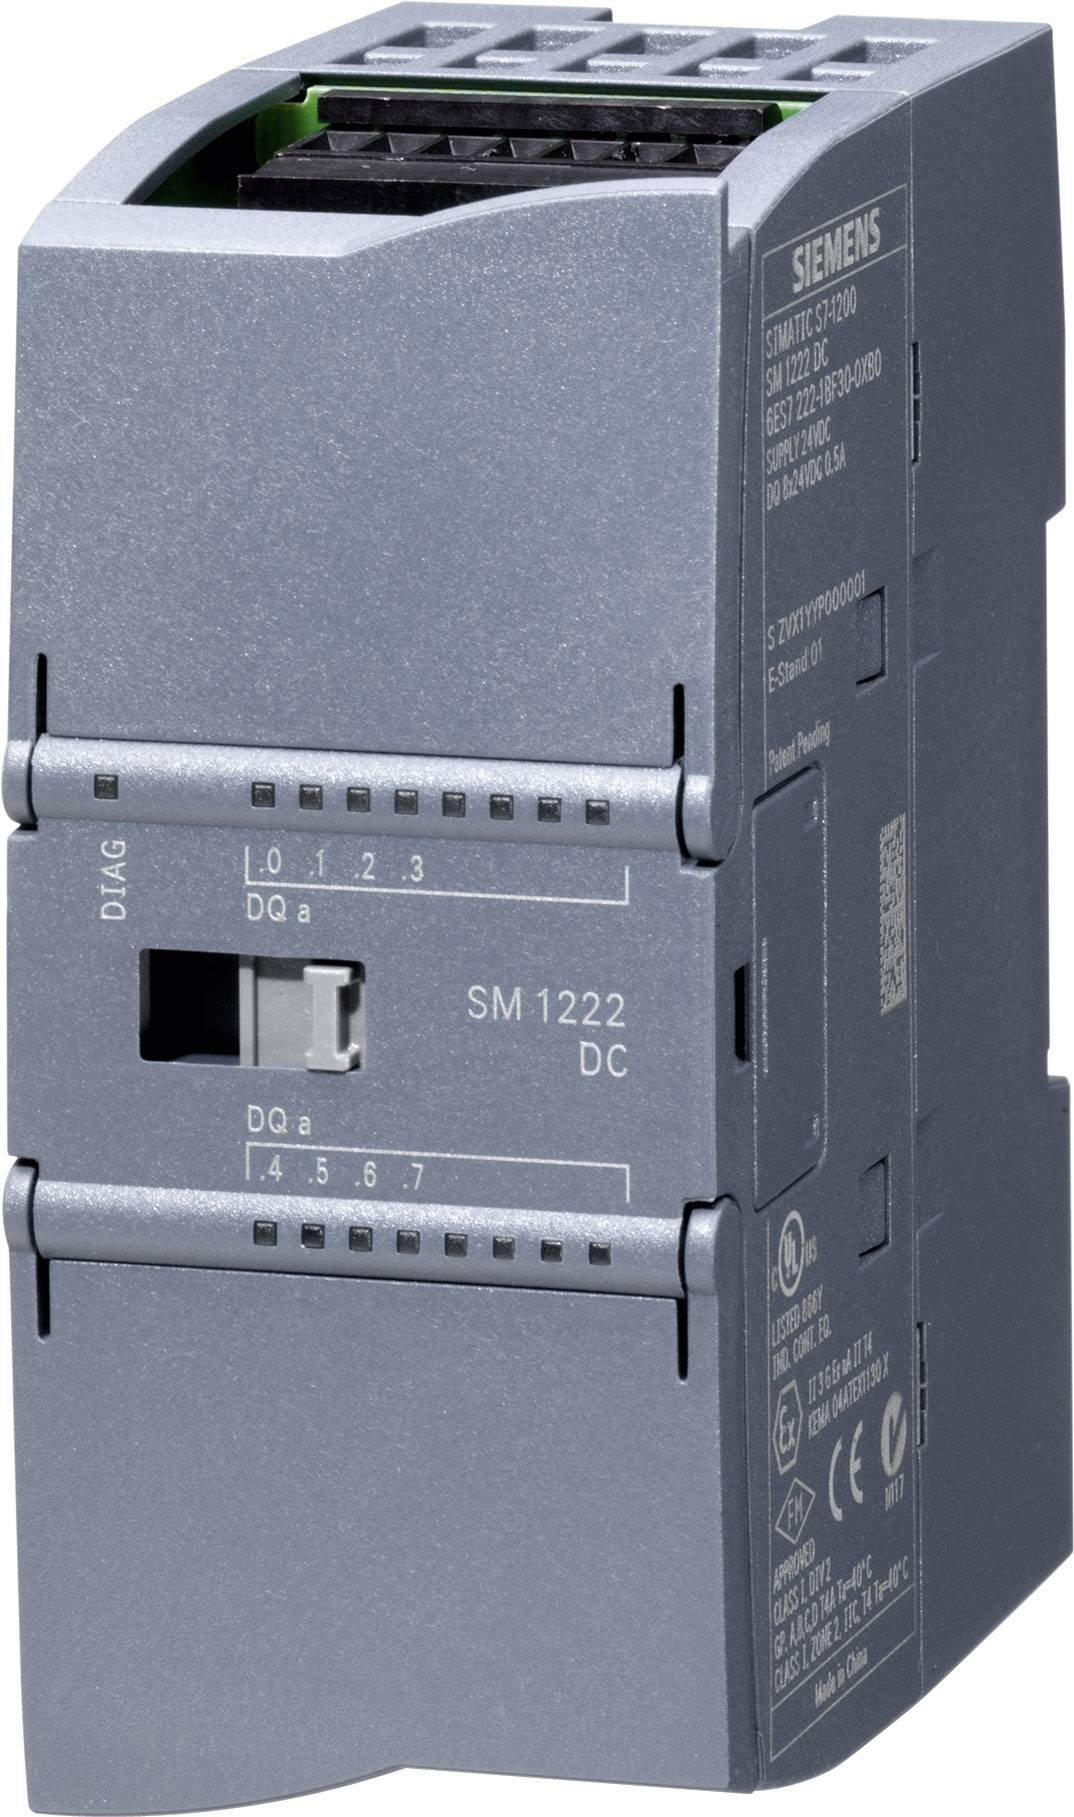 Rozšiřovací PLC modul Siemens SM 1222 (6ES7222-1HH32-0XB0)